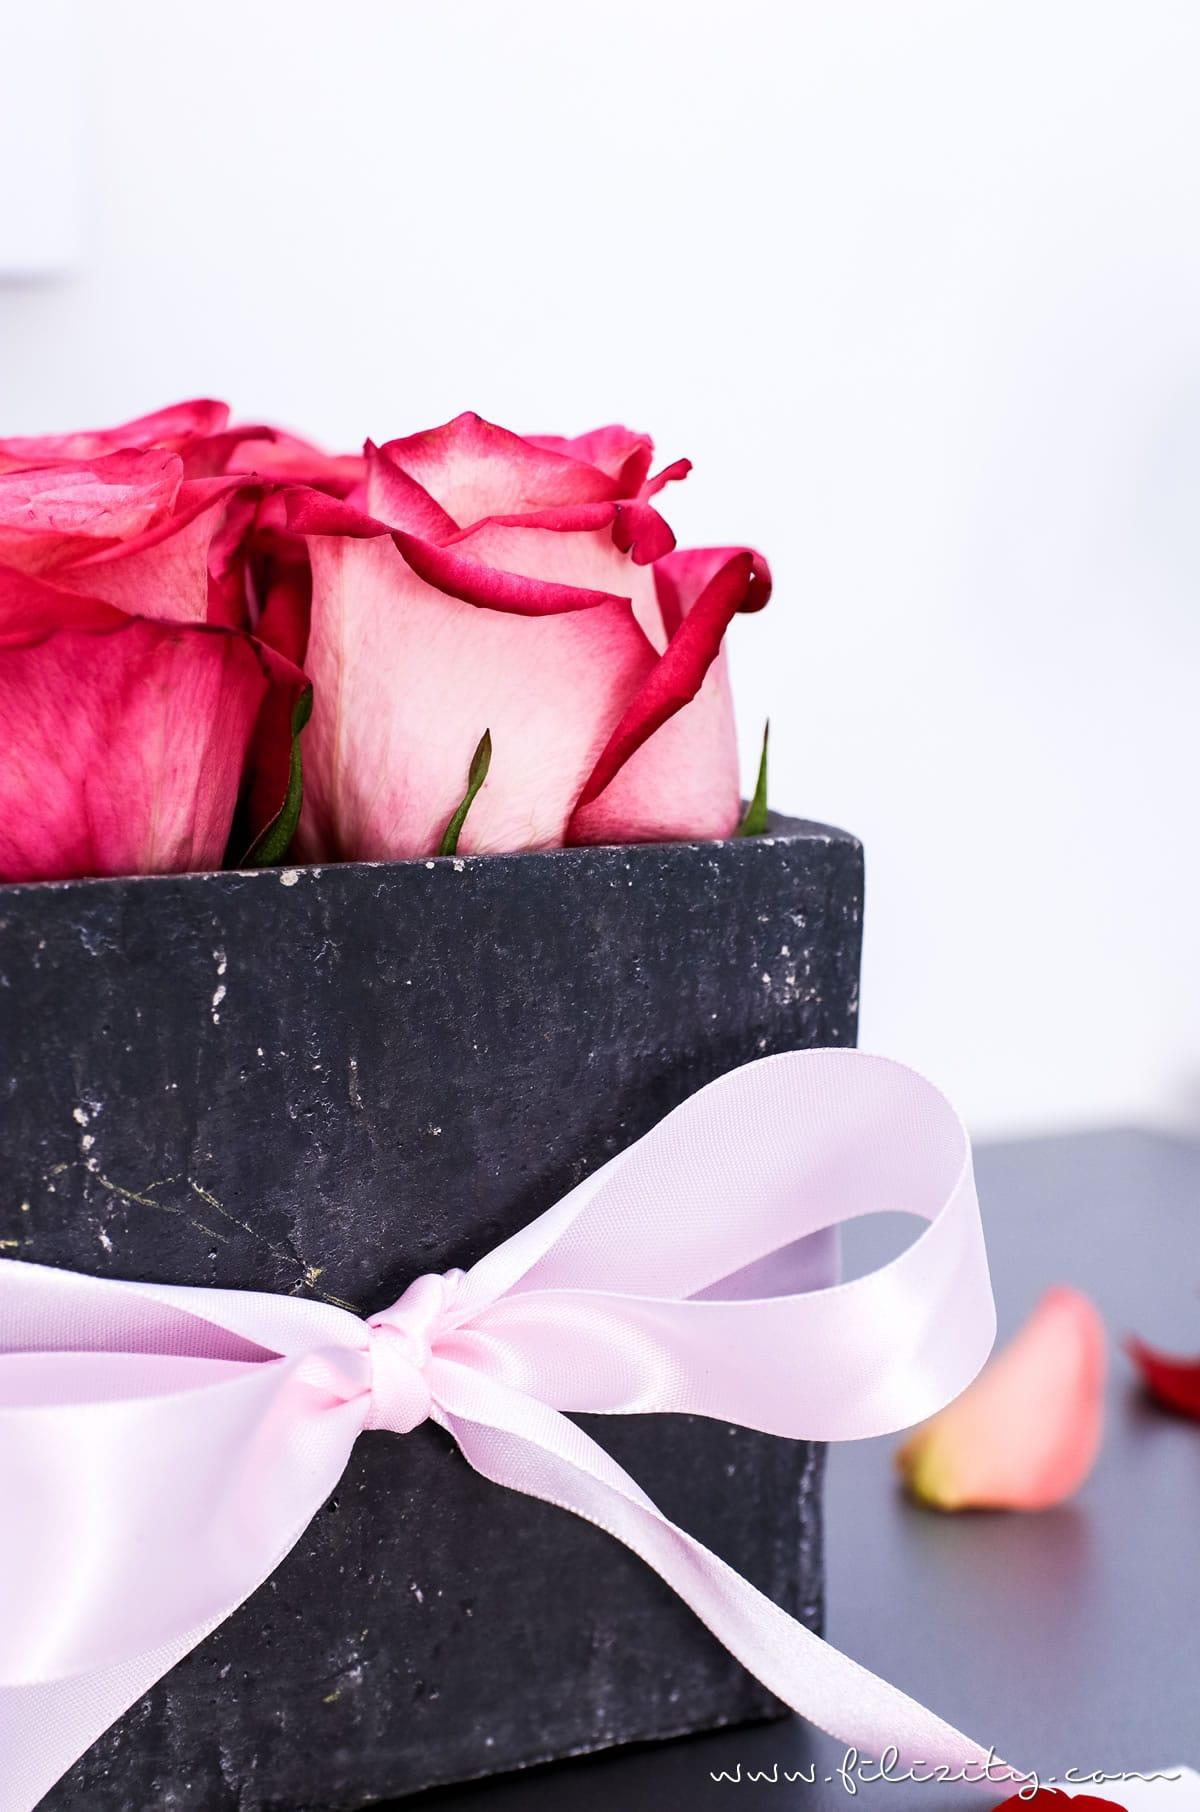 3x Flowerbox selber machen - DIY Geschenkidee für Valentinstag, Muttertag, Geburtstag usw.   DIY Deko mit Blumen   Filizity.com   DIY-Blog aus dem Rheinland #valentinstag #muttertag #geschenkidee #geburtstag #flowerbox